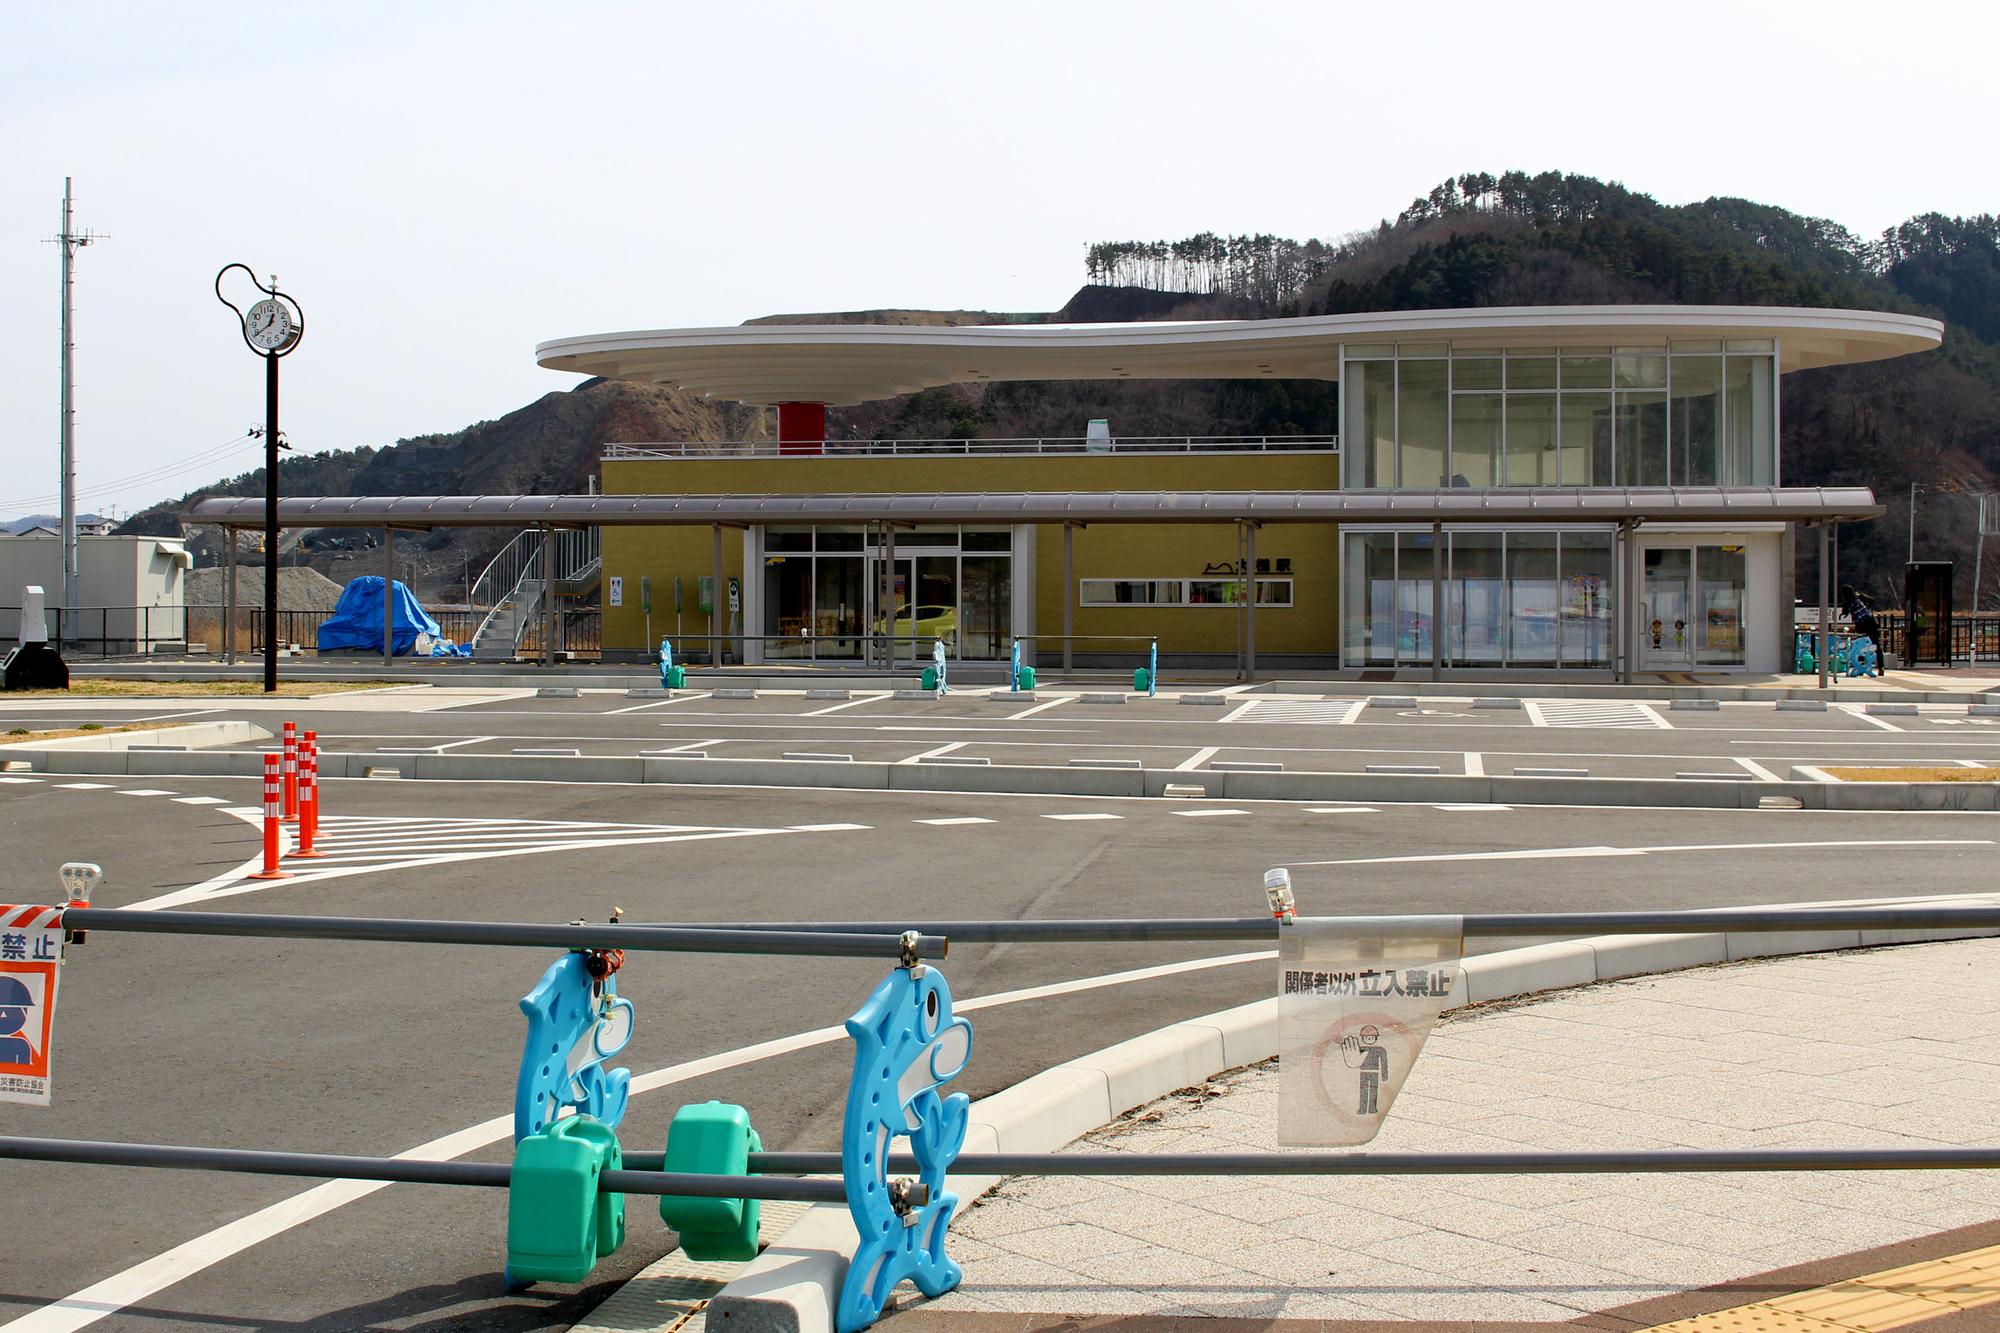 大槌駅 駅舎